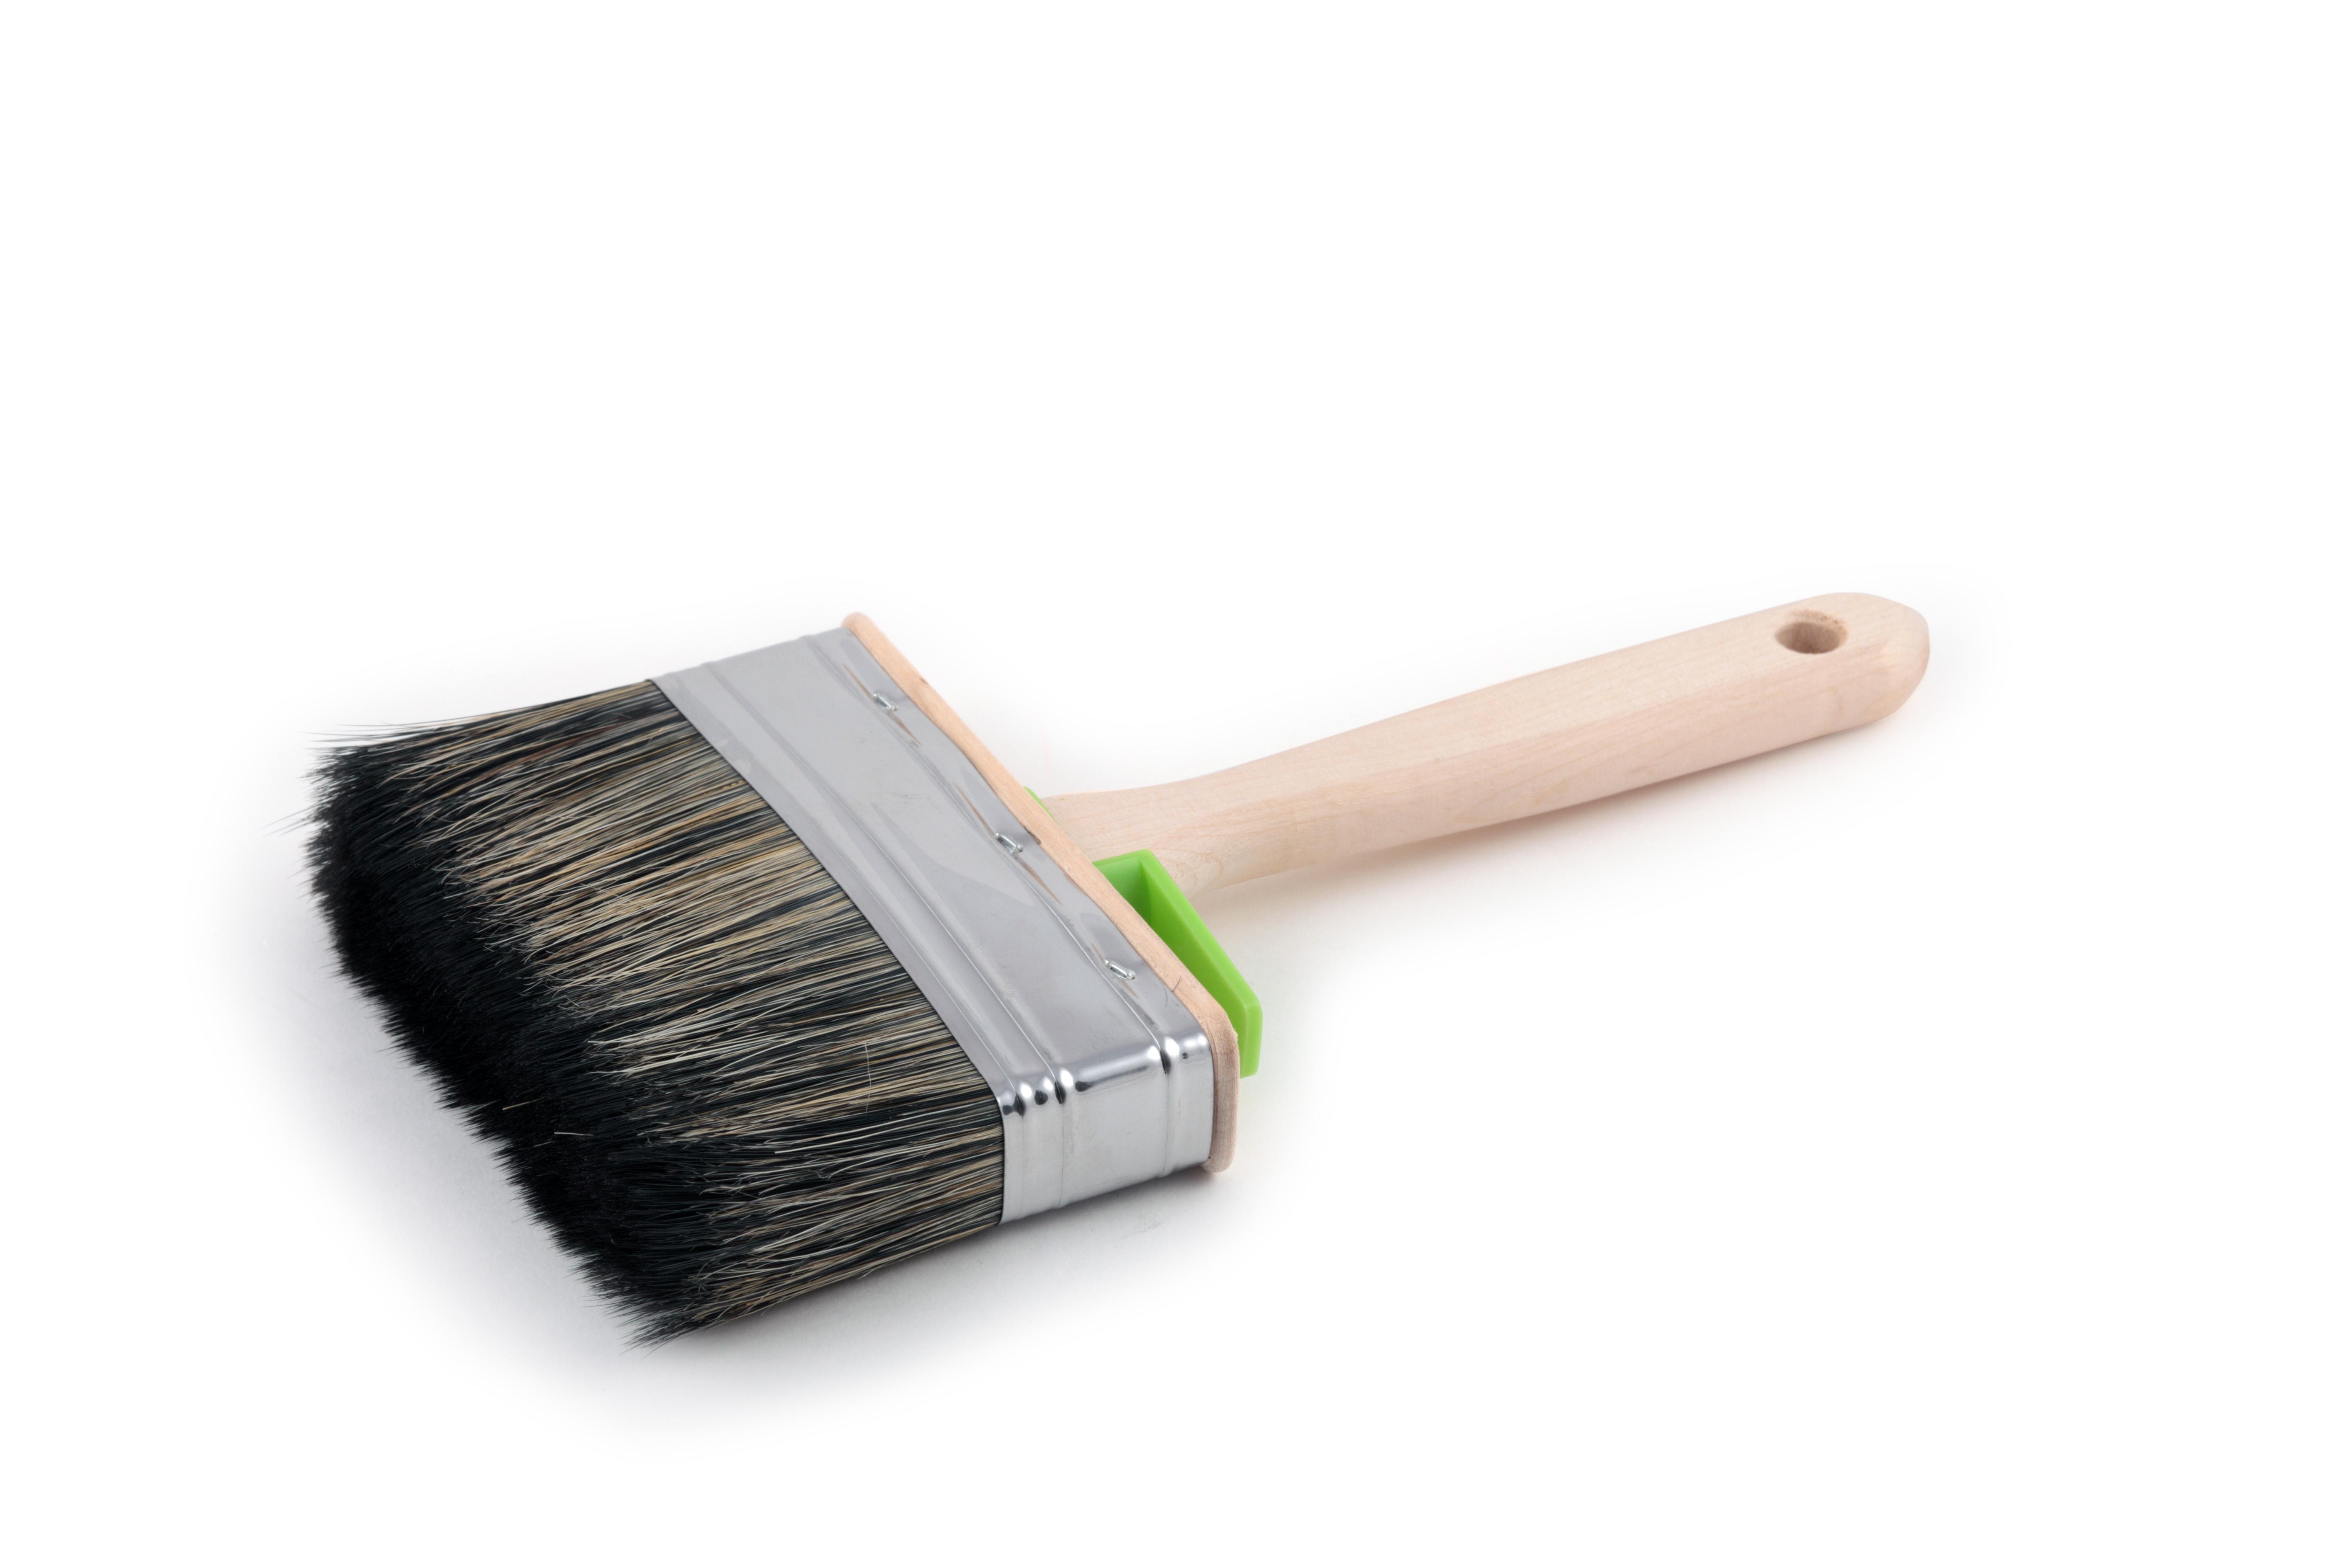 Кисть плоская ЛАЗУРНЫЙ БЕРЕГ КФ 120х35 С7 кисть плоская лазурный берег 25 мм искусственная щетина orel деревянная ручка